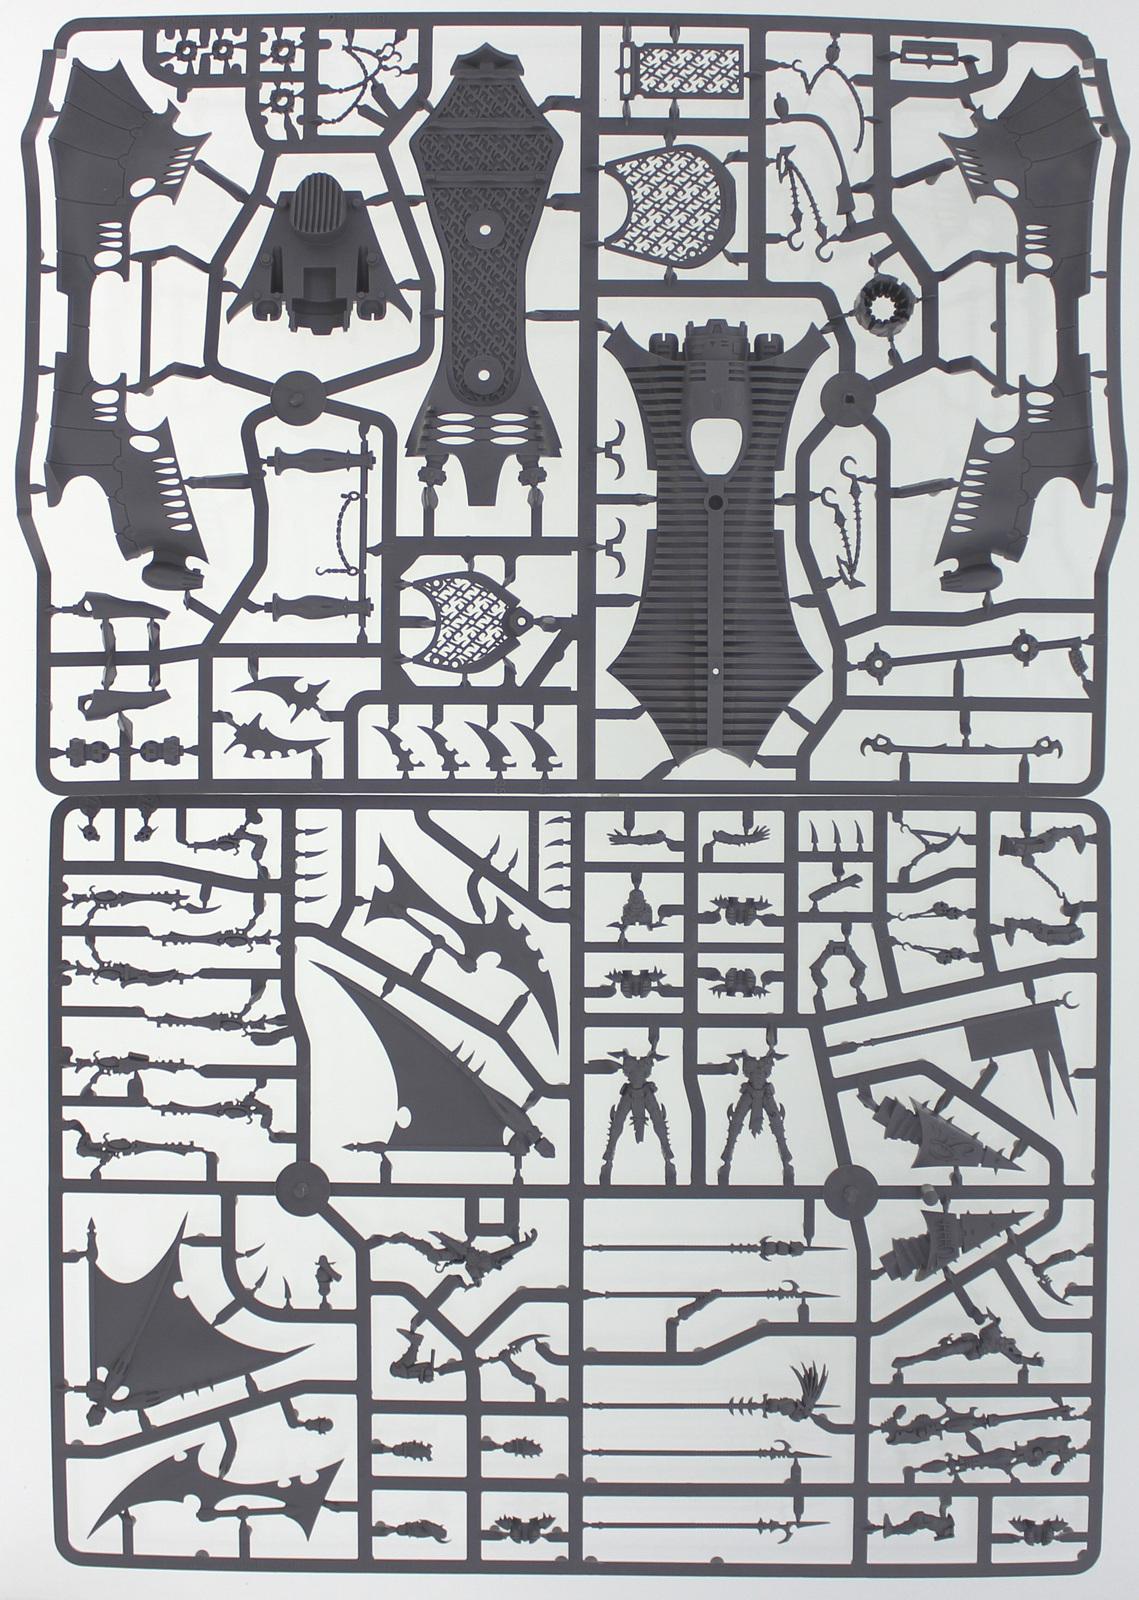 Warhammer 40,000 Dark Eldar Raider image